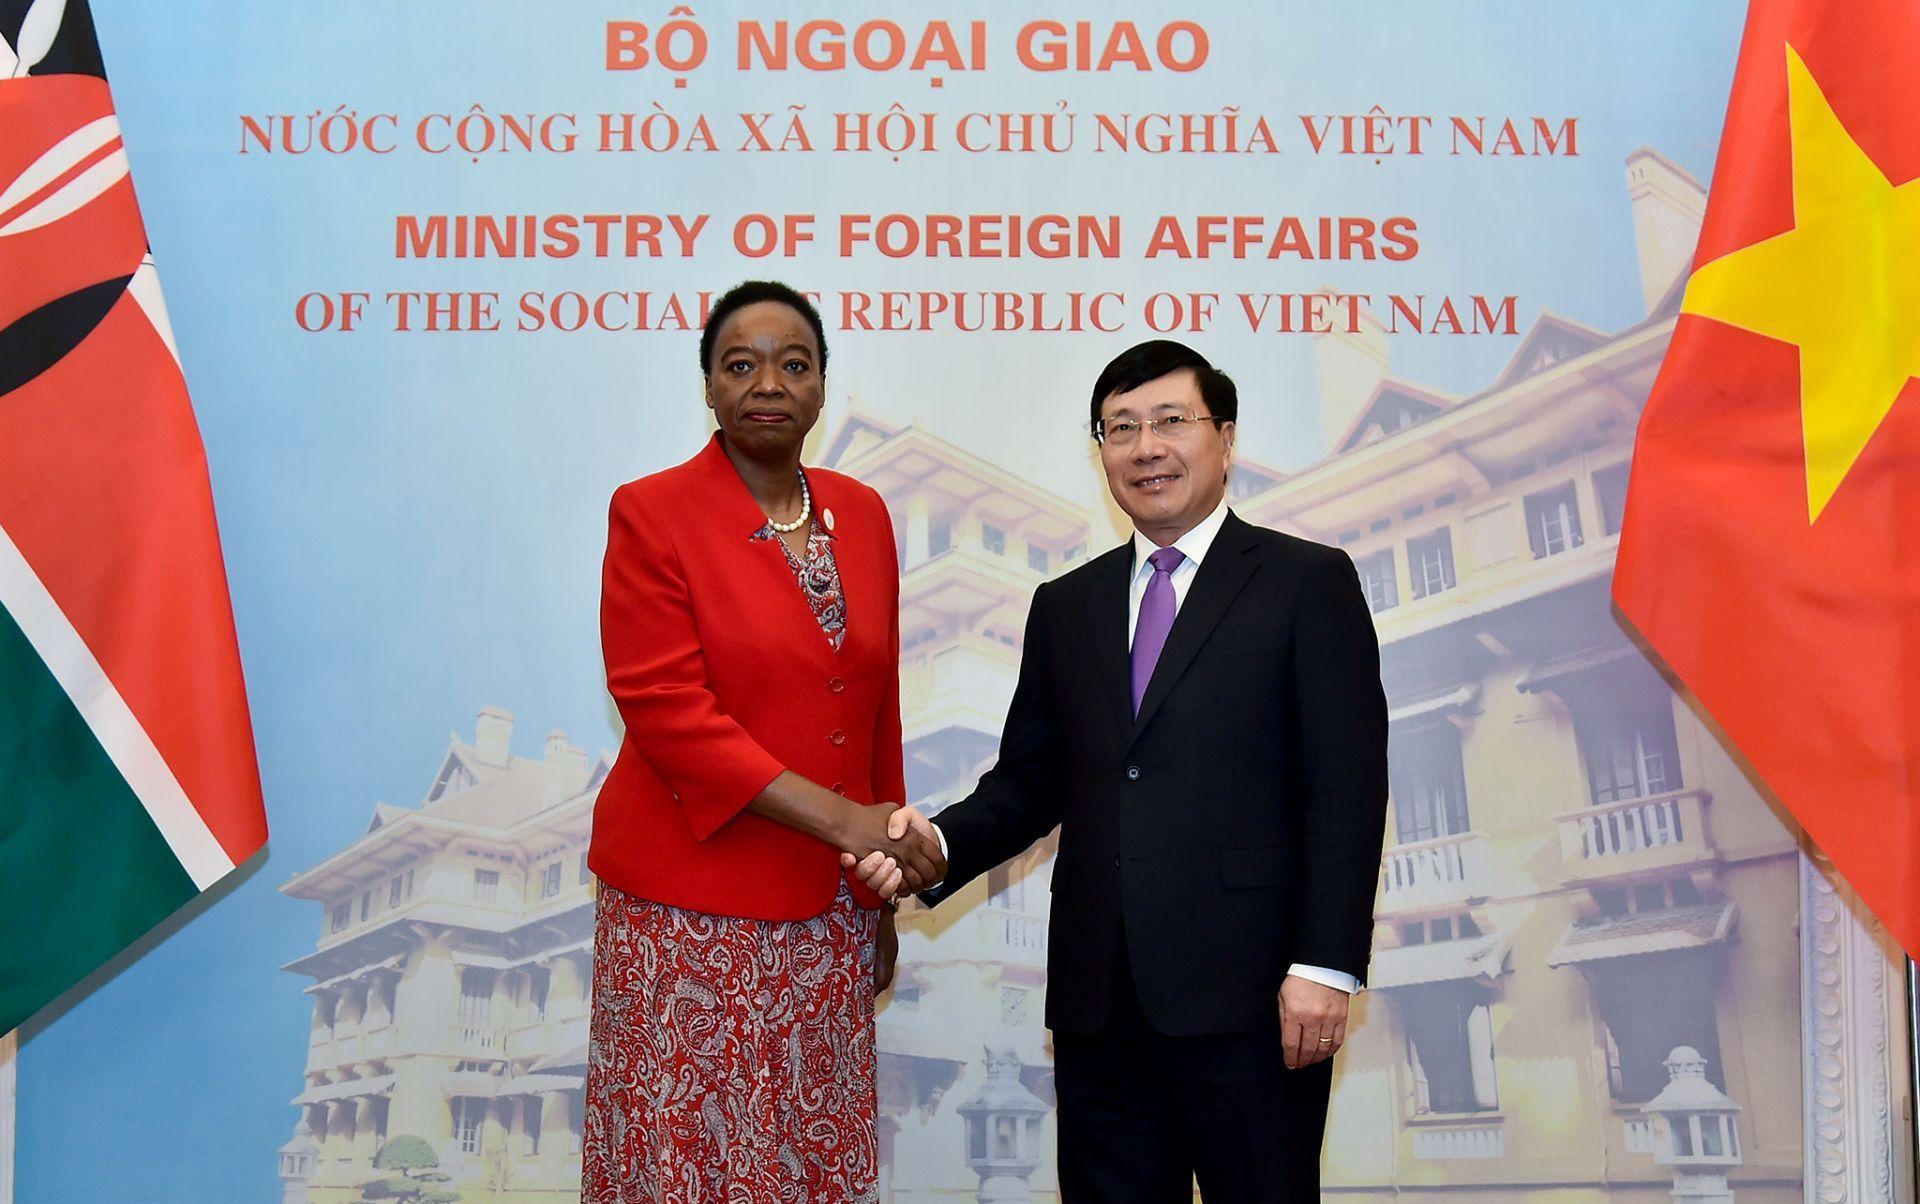 Hợp tác Việt Nam - Kê-ni-a bước vào giai đoạn phát triển mới